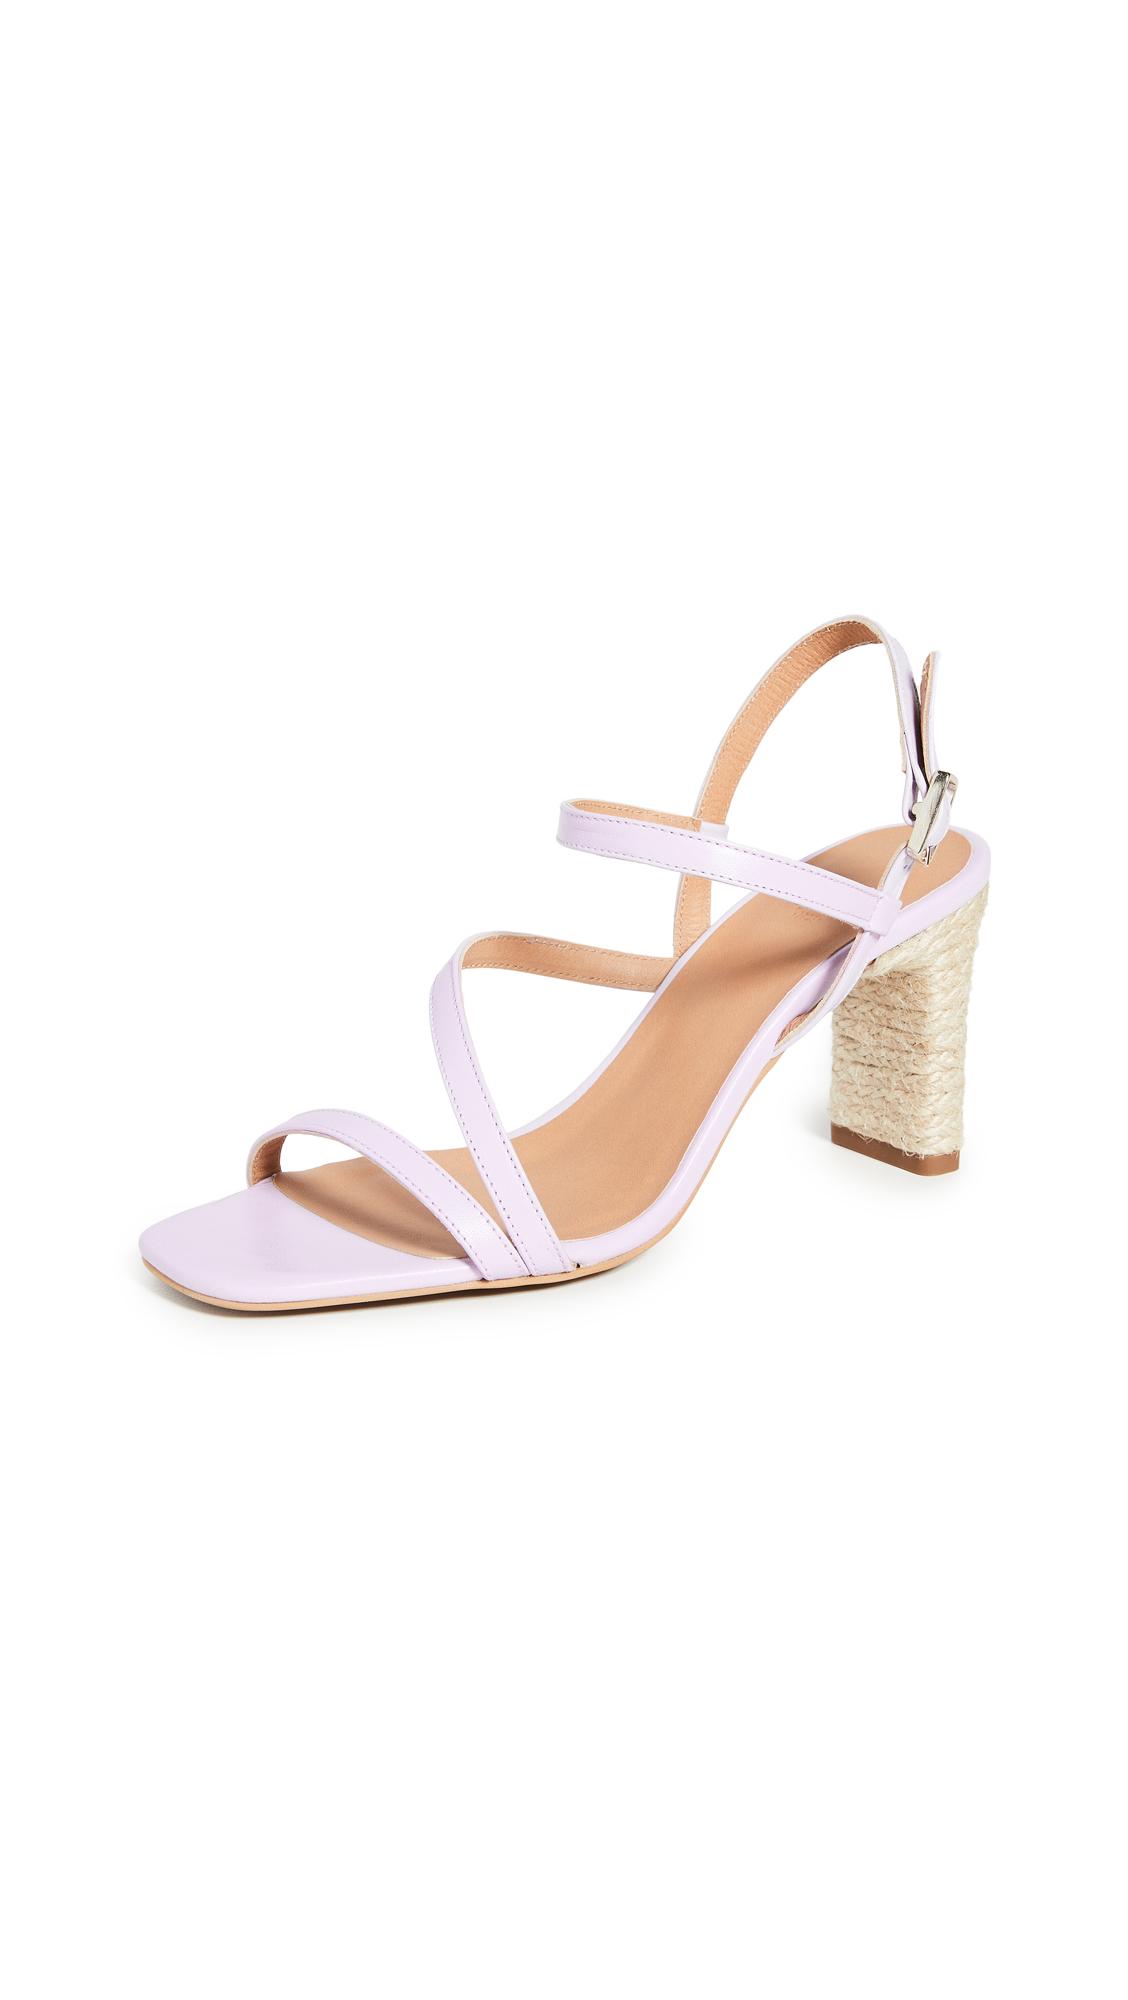 Buy Castaner Lia Sandals online, shop Castaner